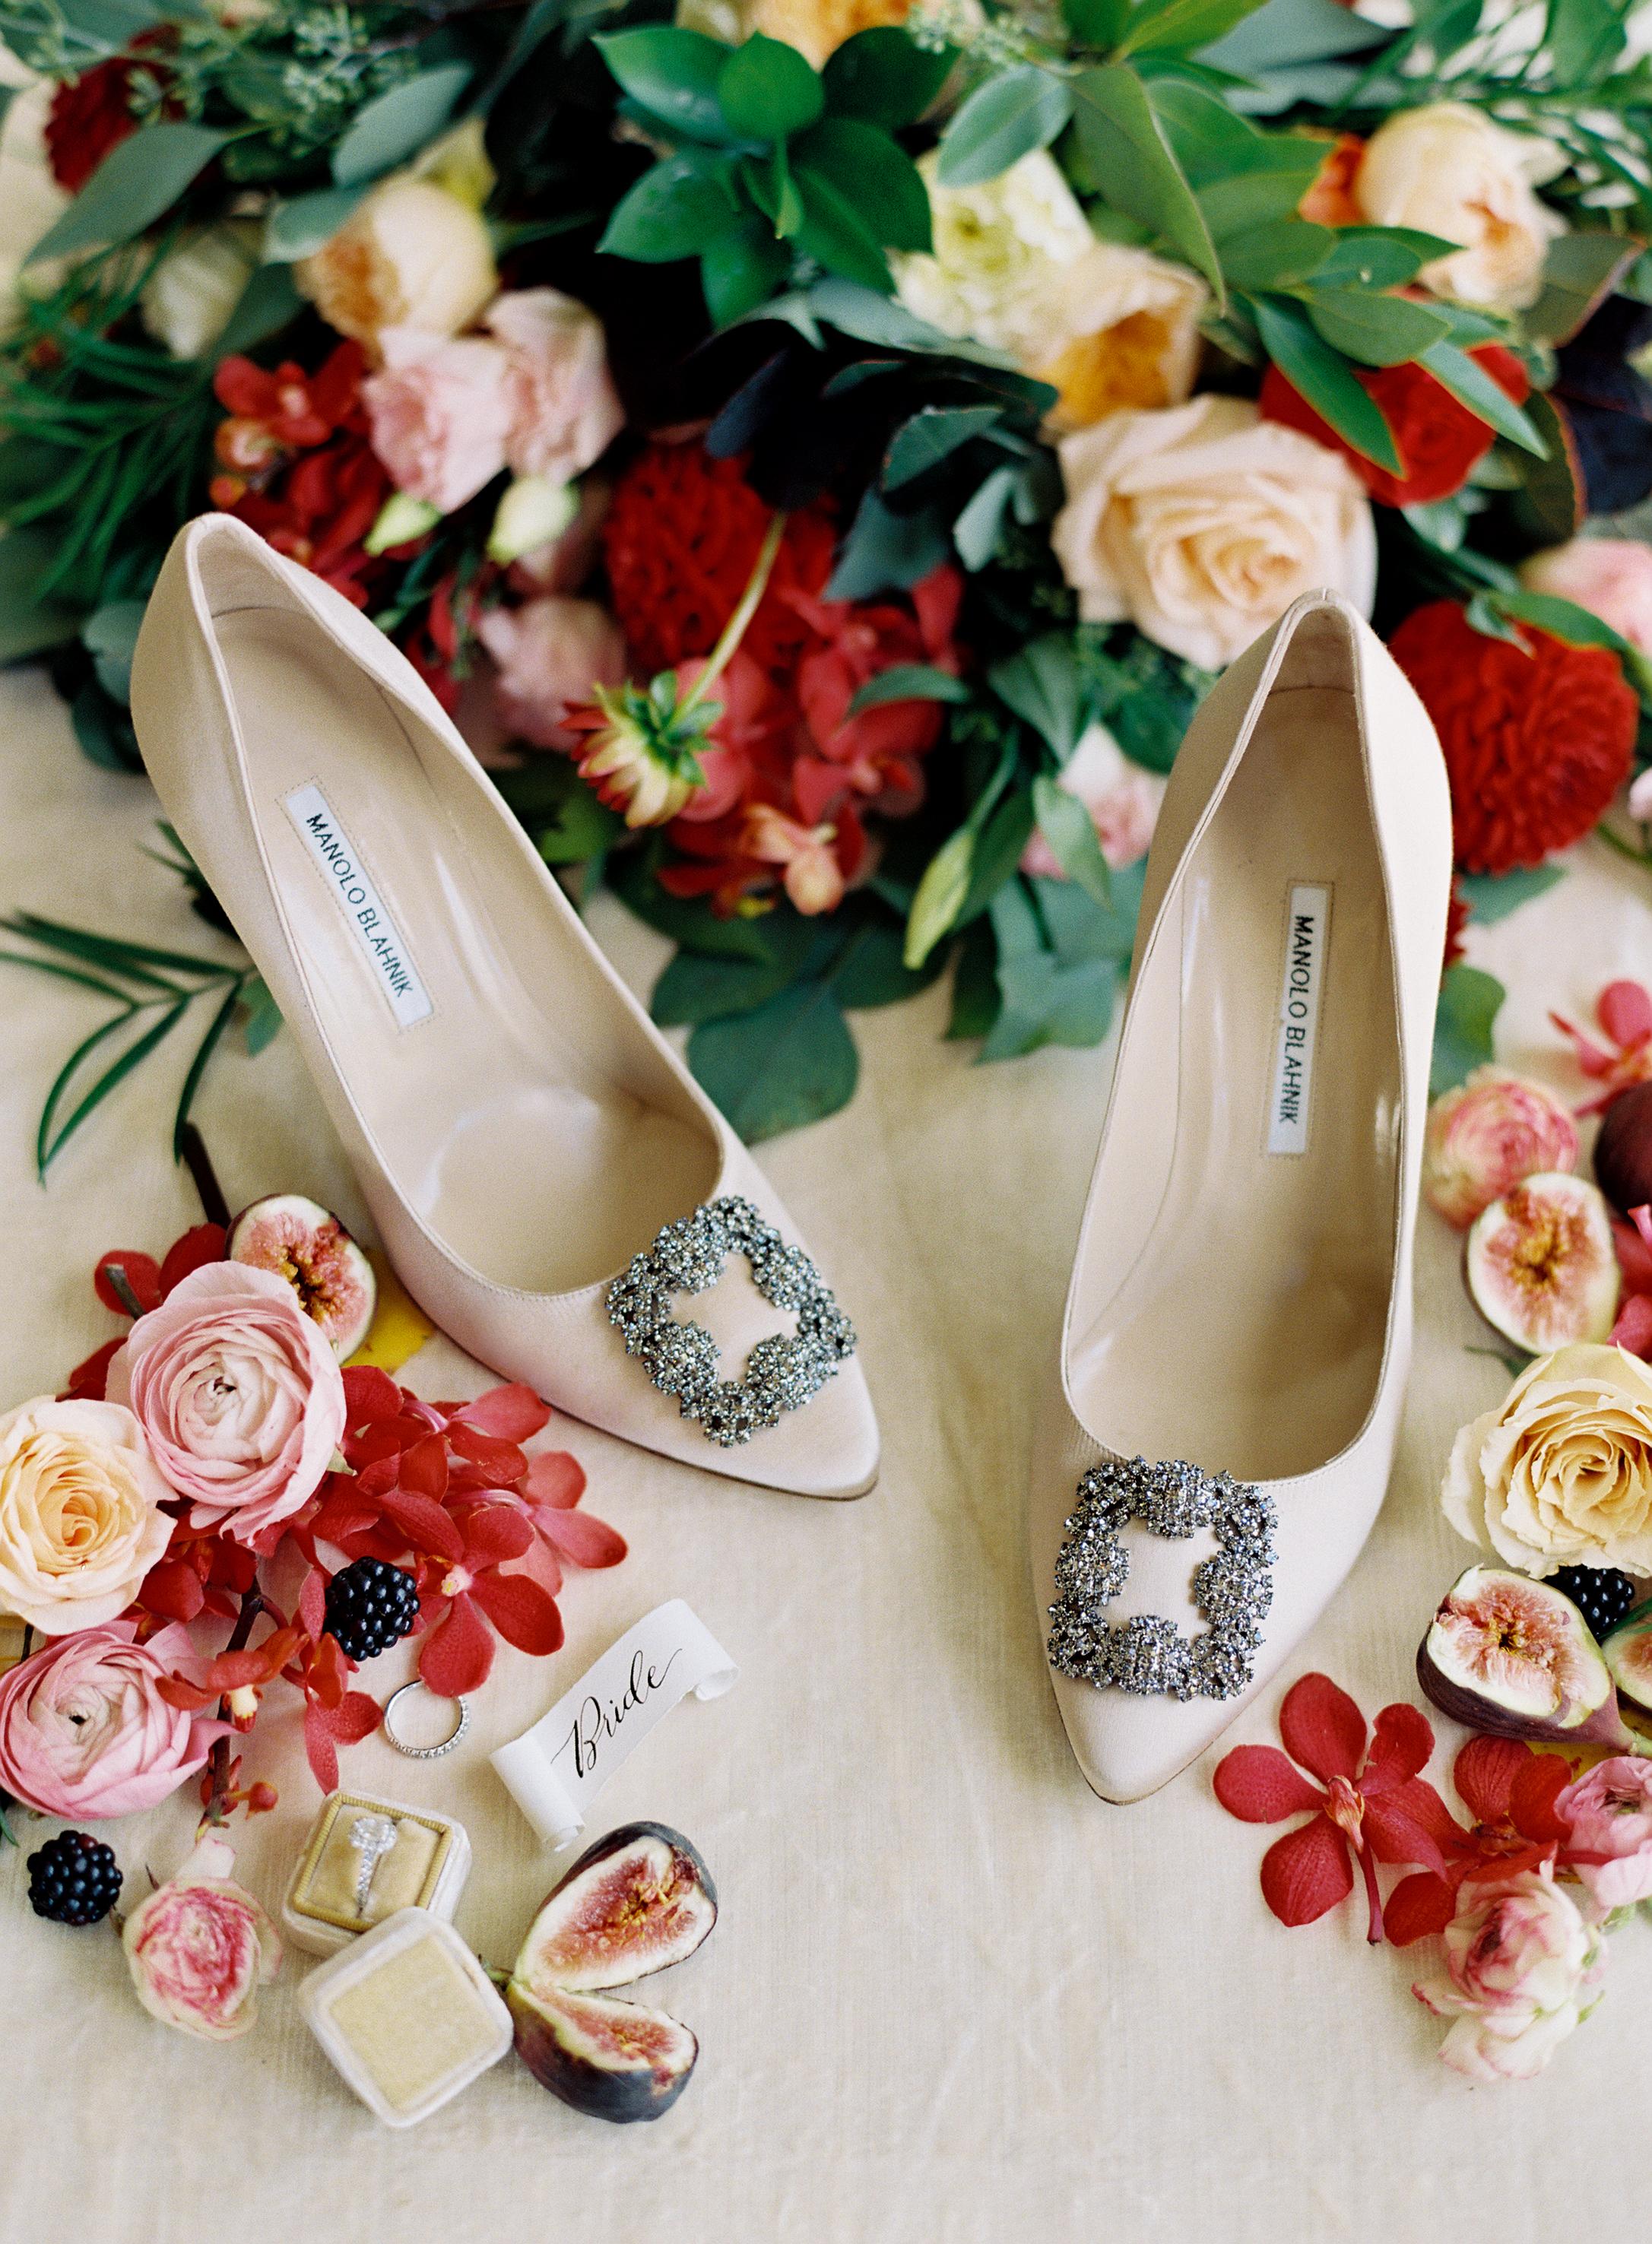 Intimate Luxury Mountain Wedding | Manolo Blahnik Wedding Shoes